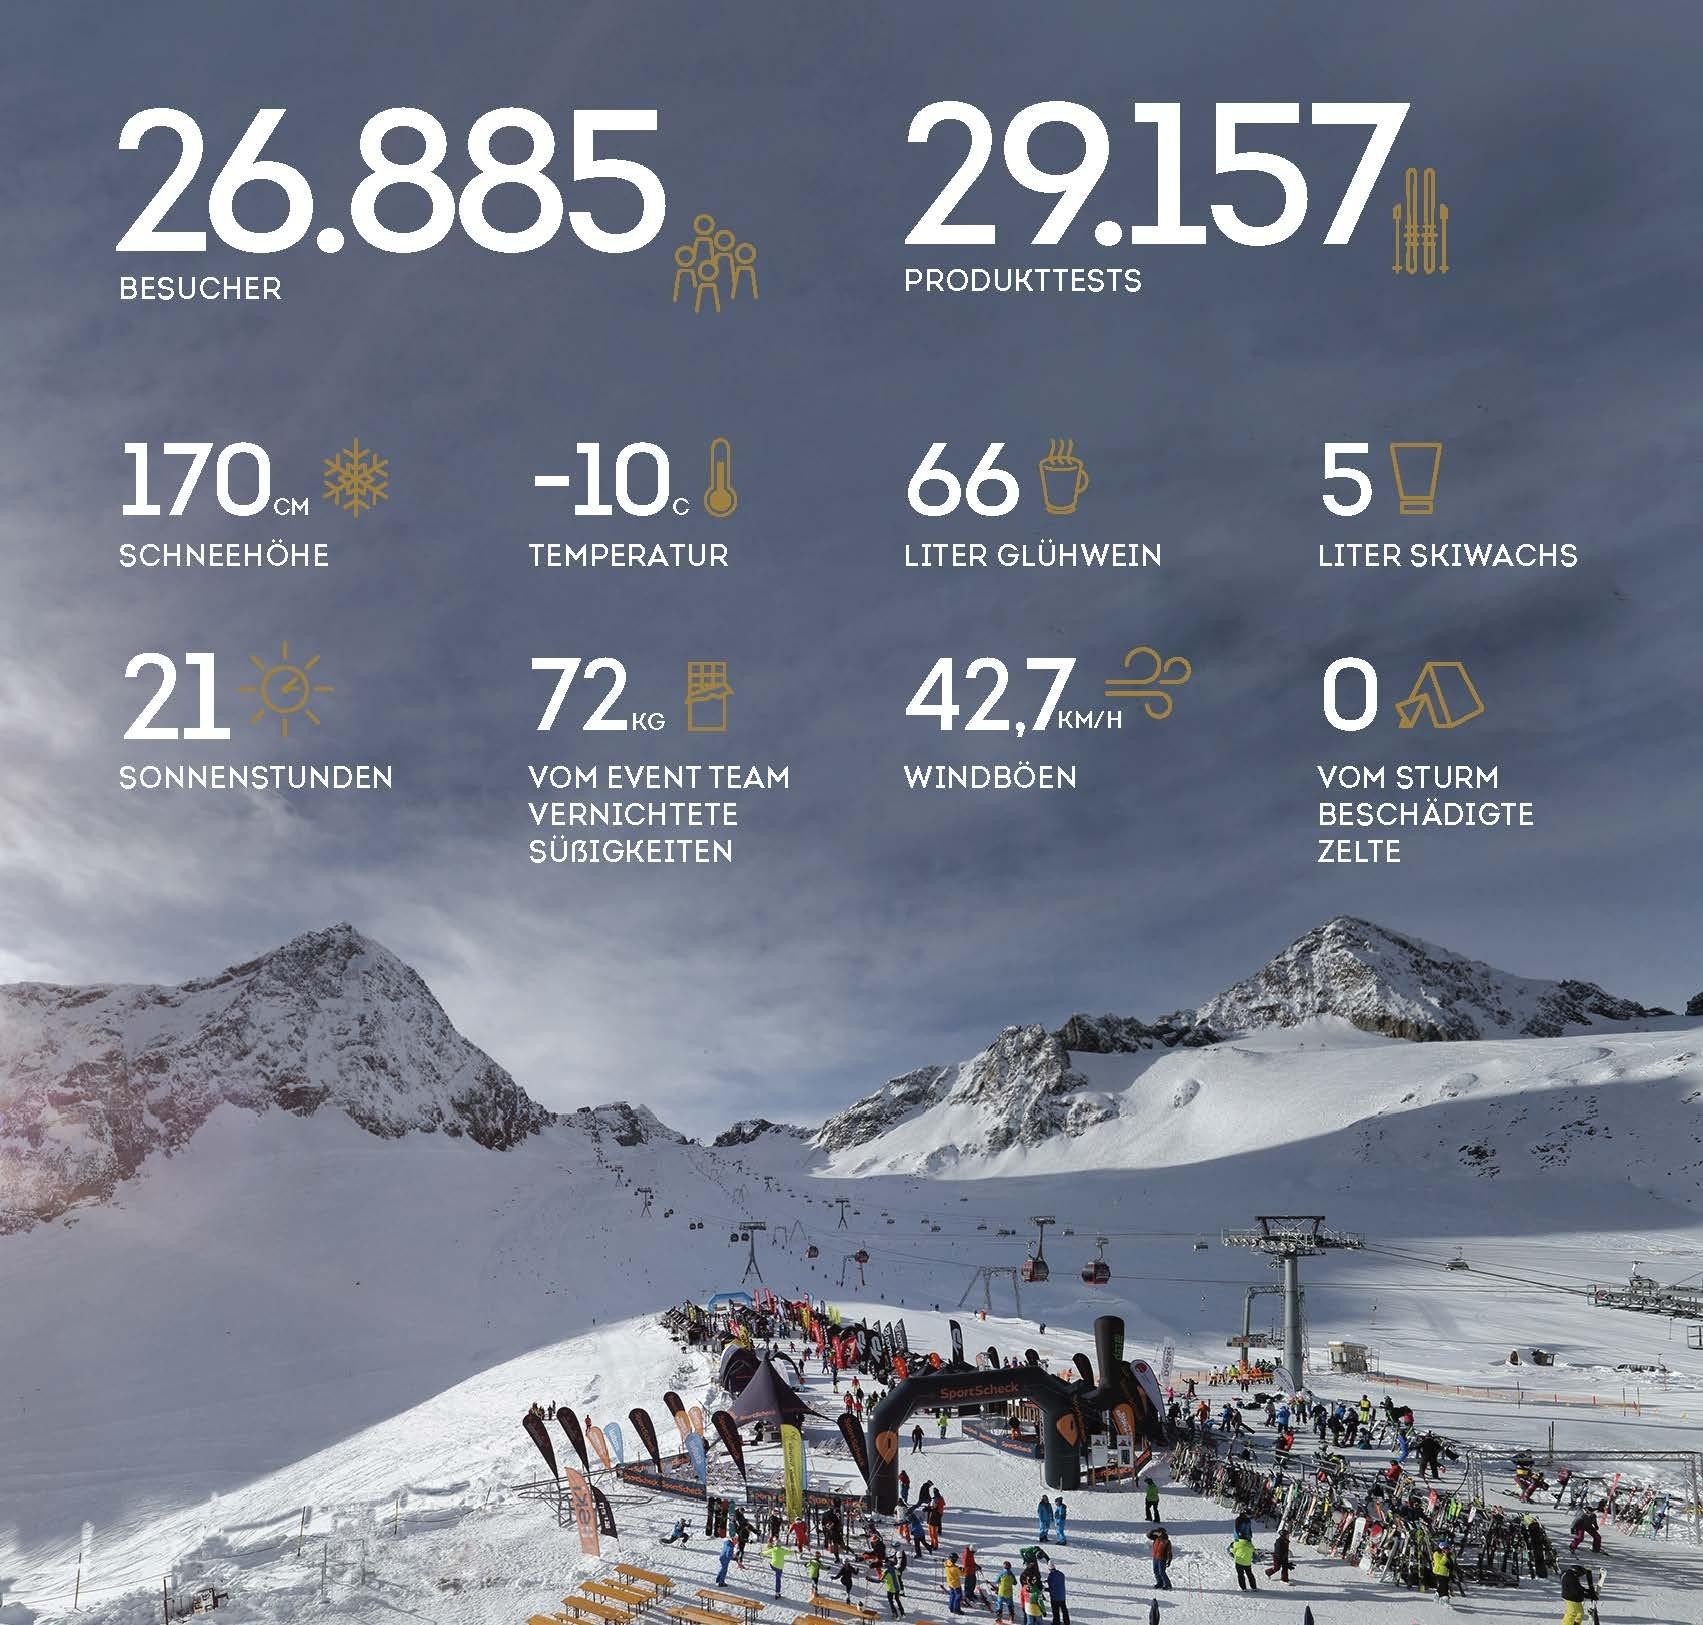 GletscherTestival in Zahlen